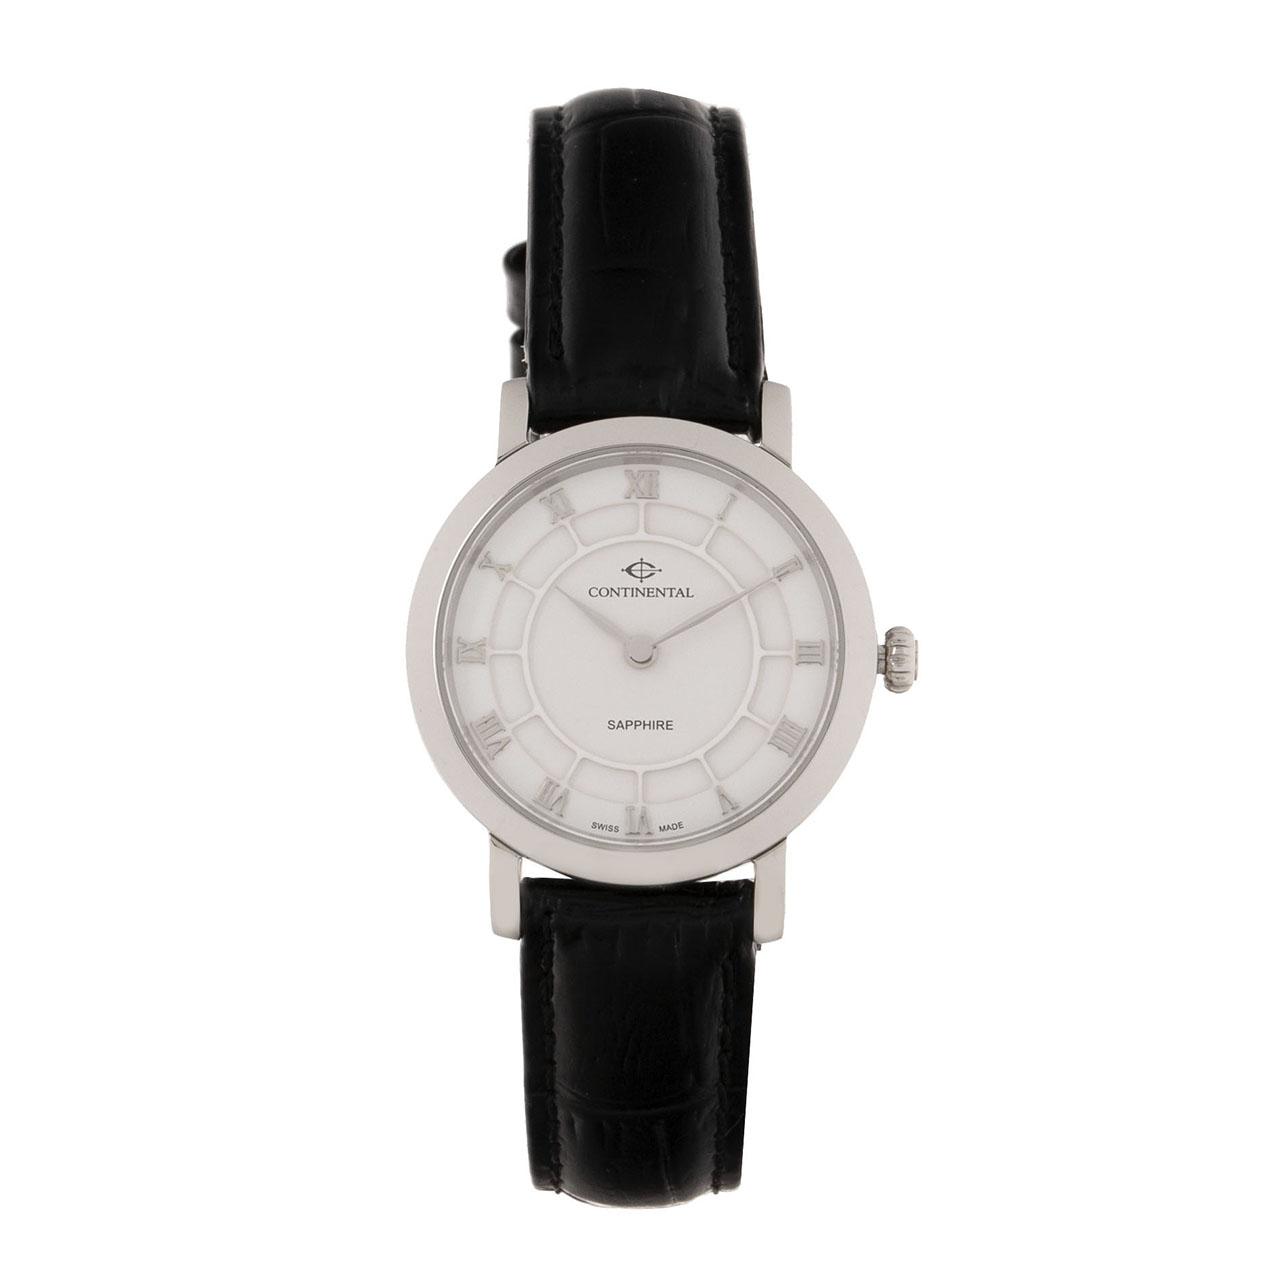 ساعت مچی عقربه ای زنانه کنتیننتال مدل 14202-S257